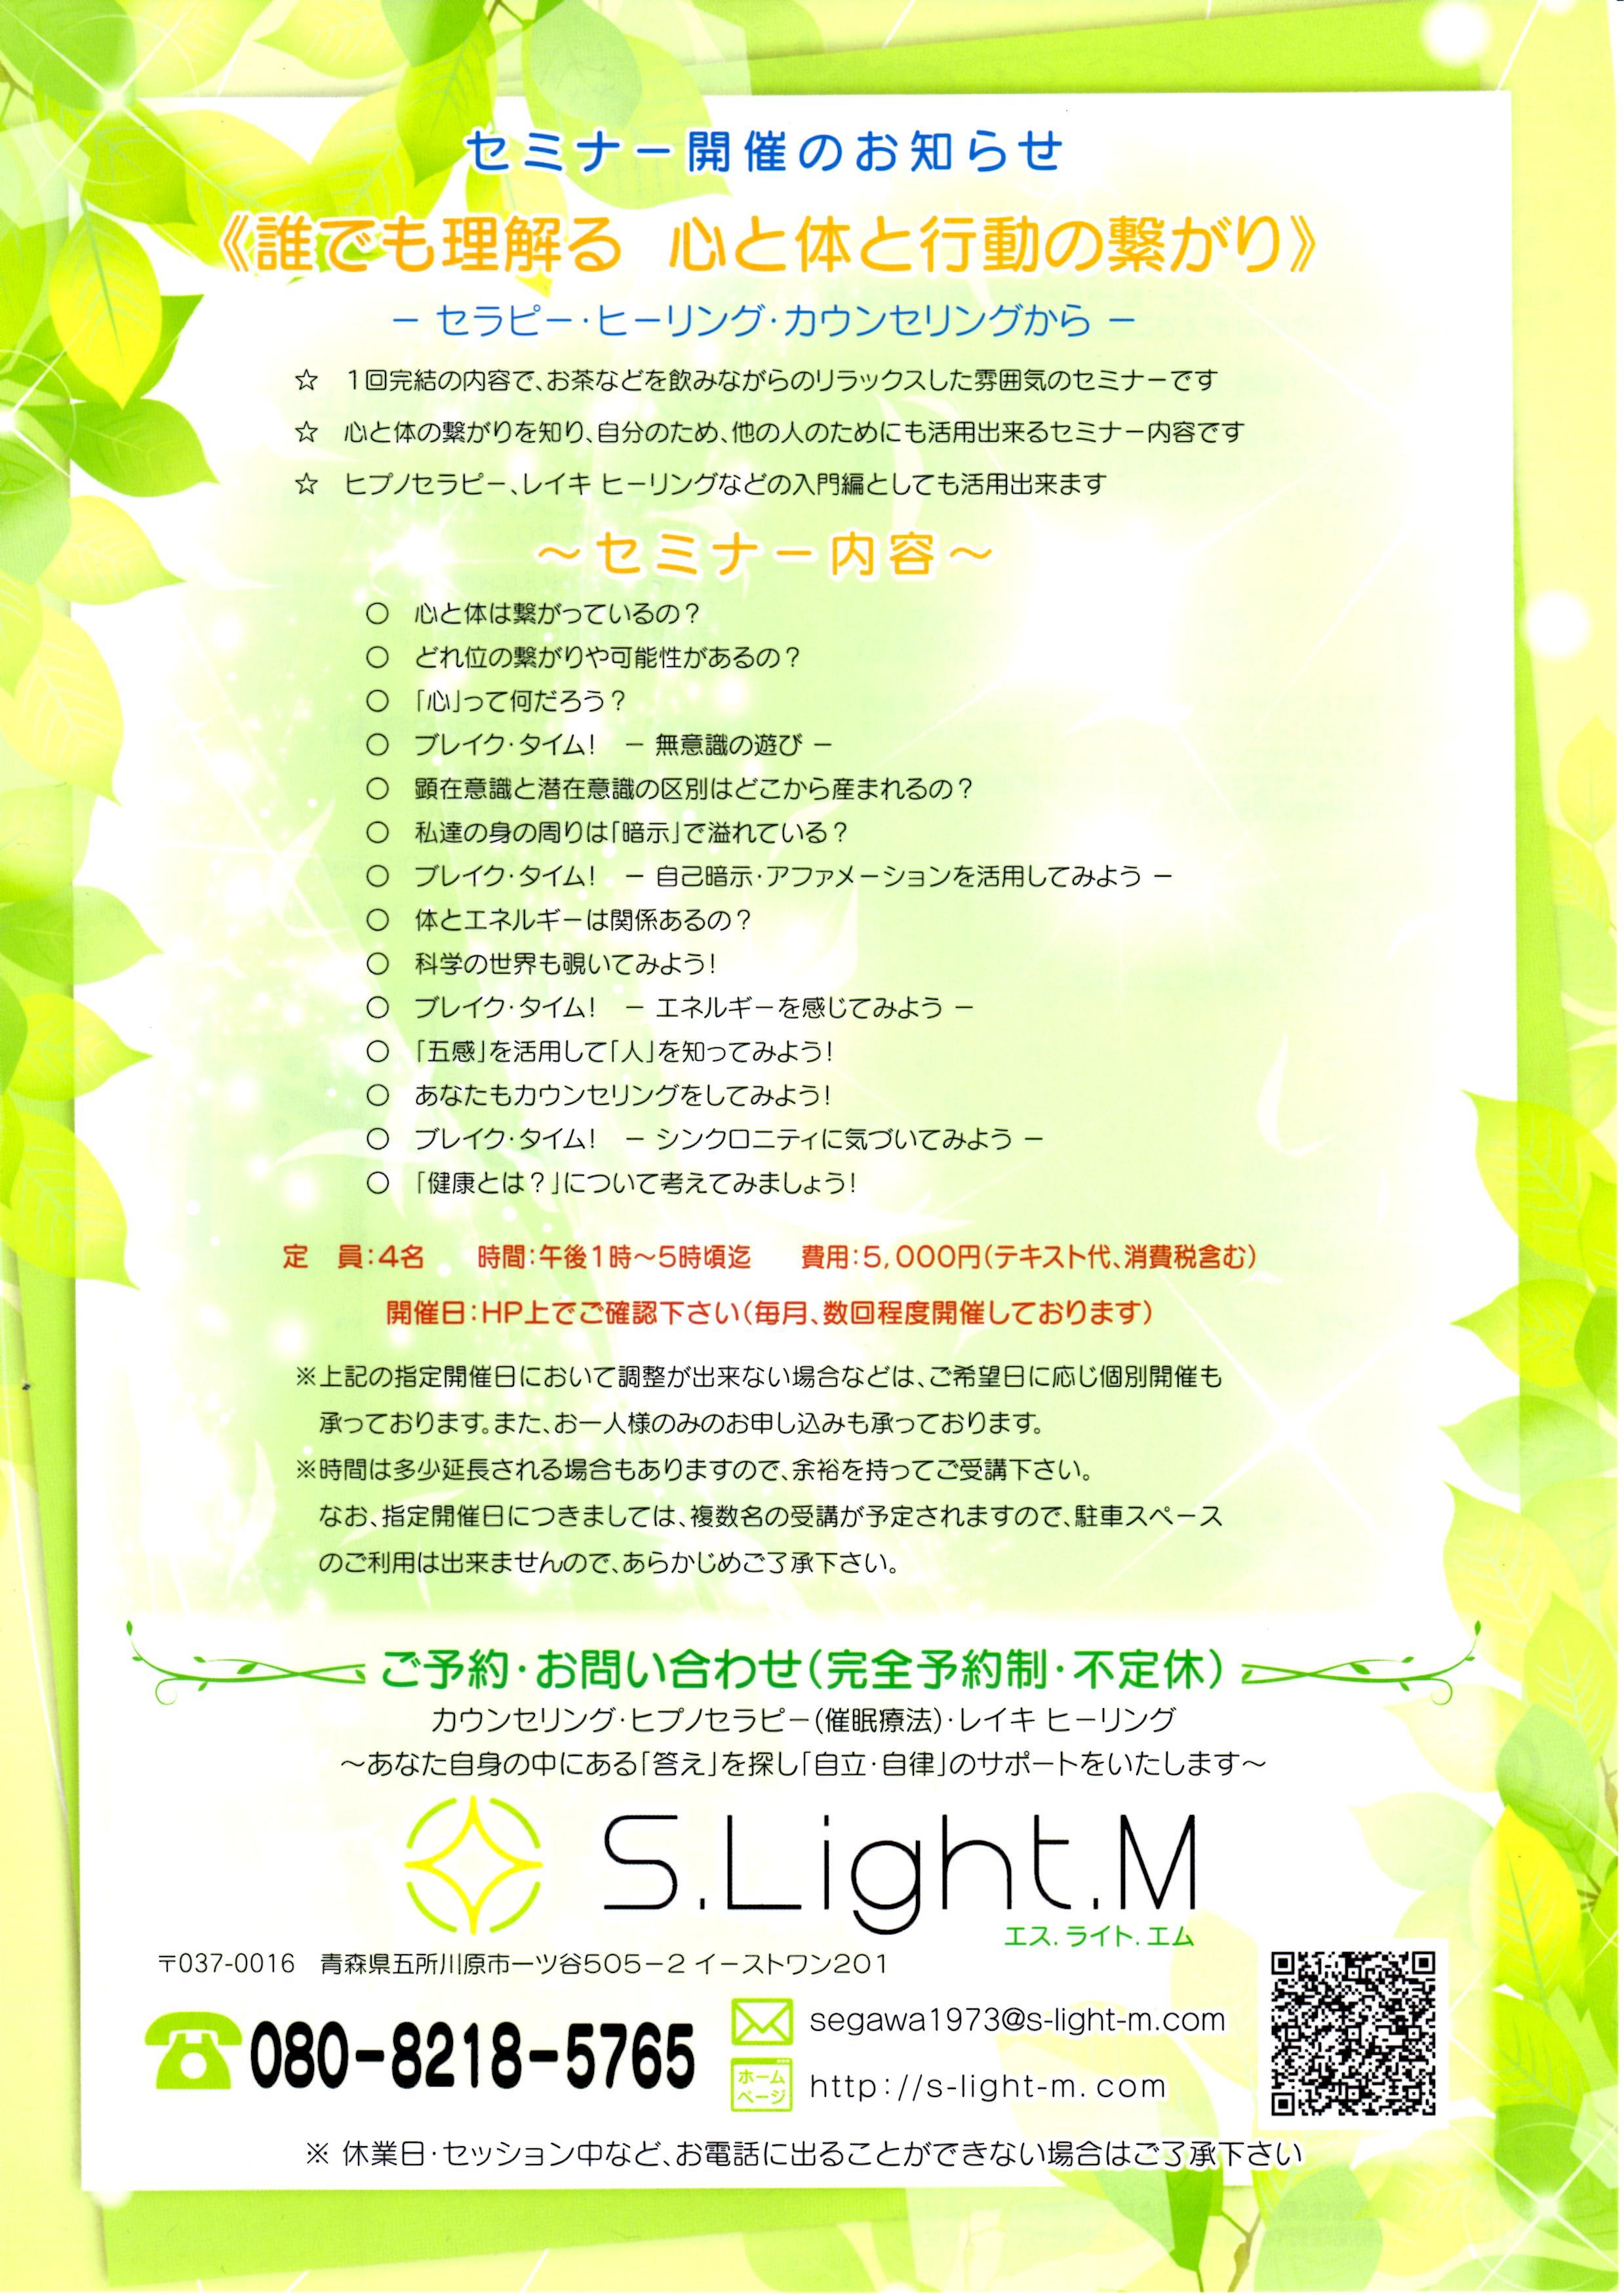 S.Light.M.jpg